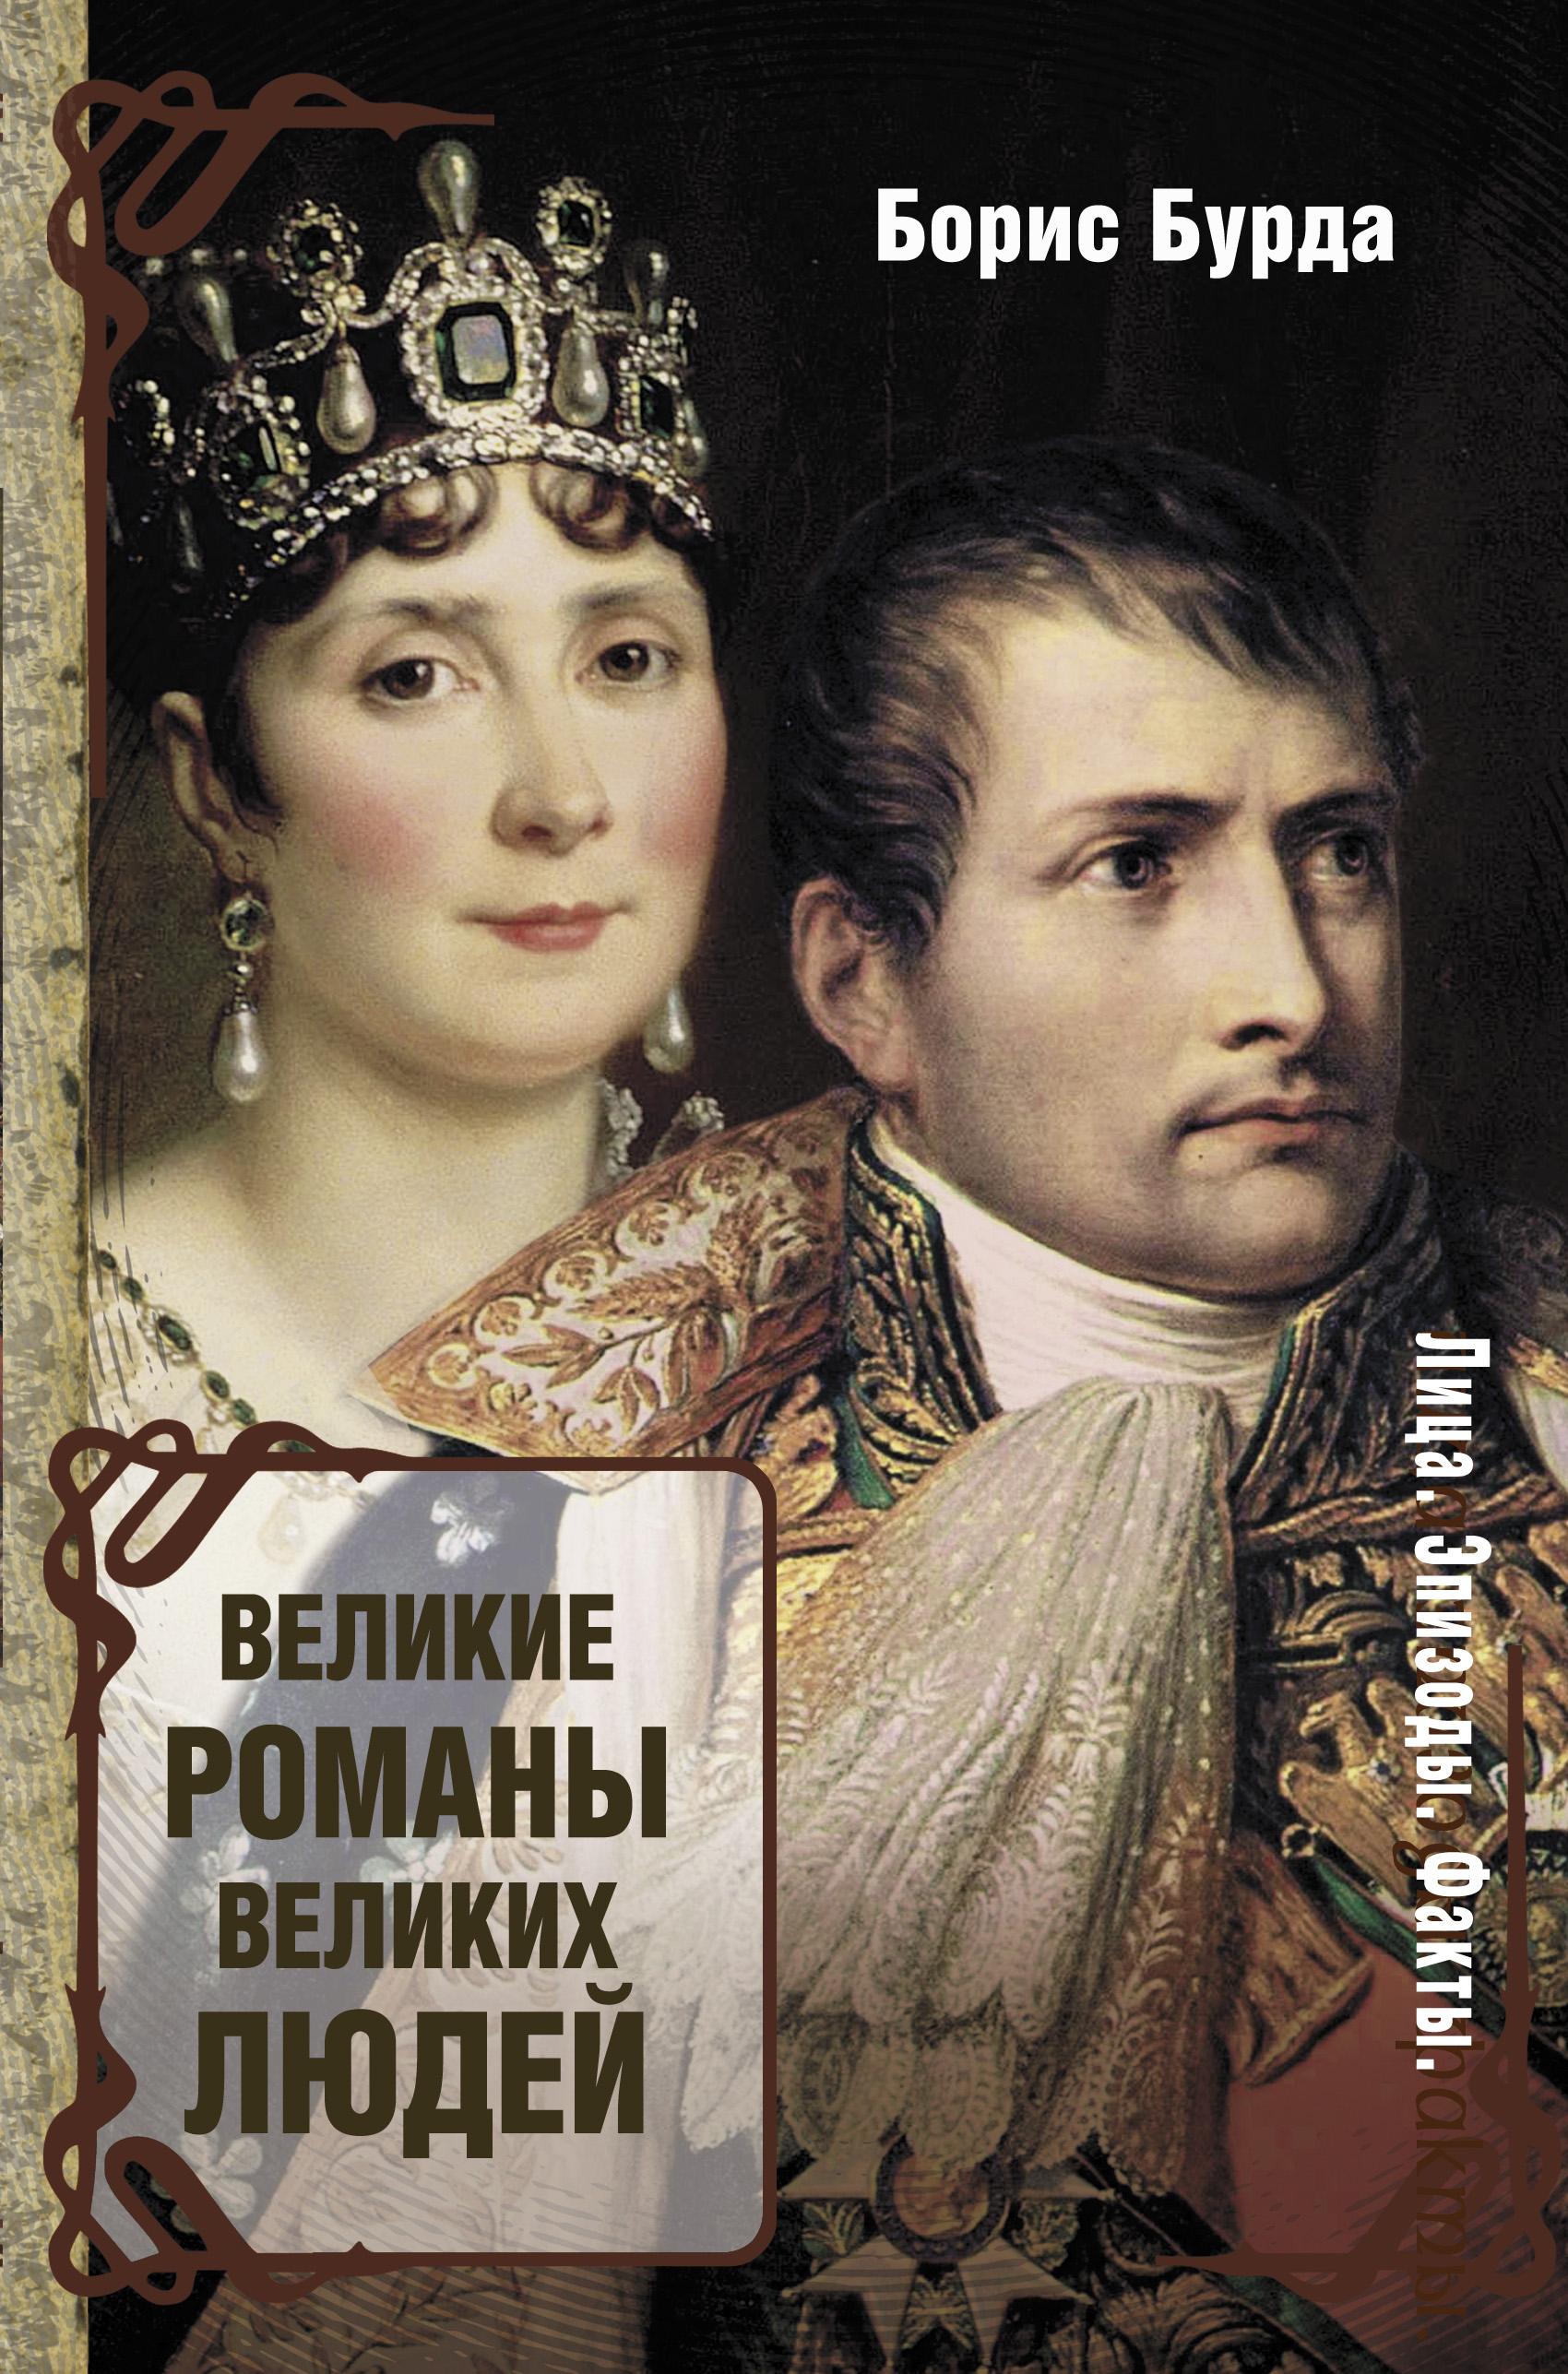 Великие романы великих людей ( Бурда Борис  )